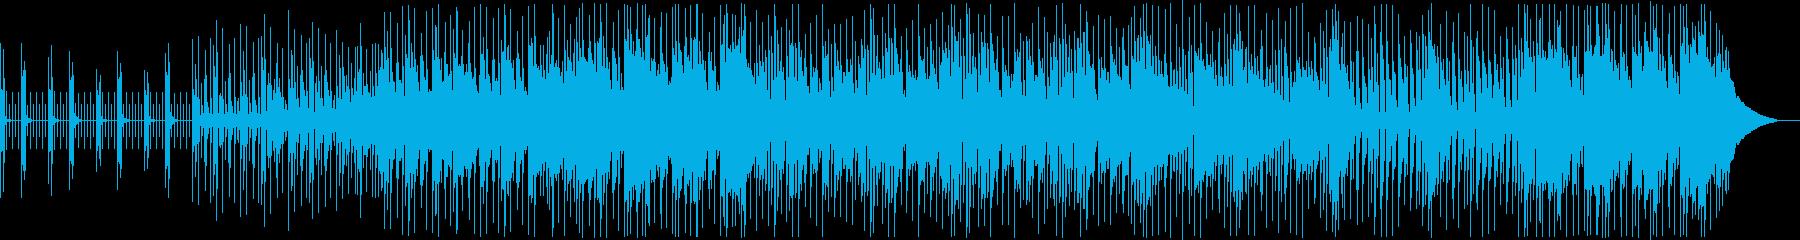 ミドルテンポの明るくかわいい曲の再生済みの波形